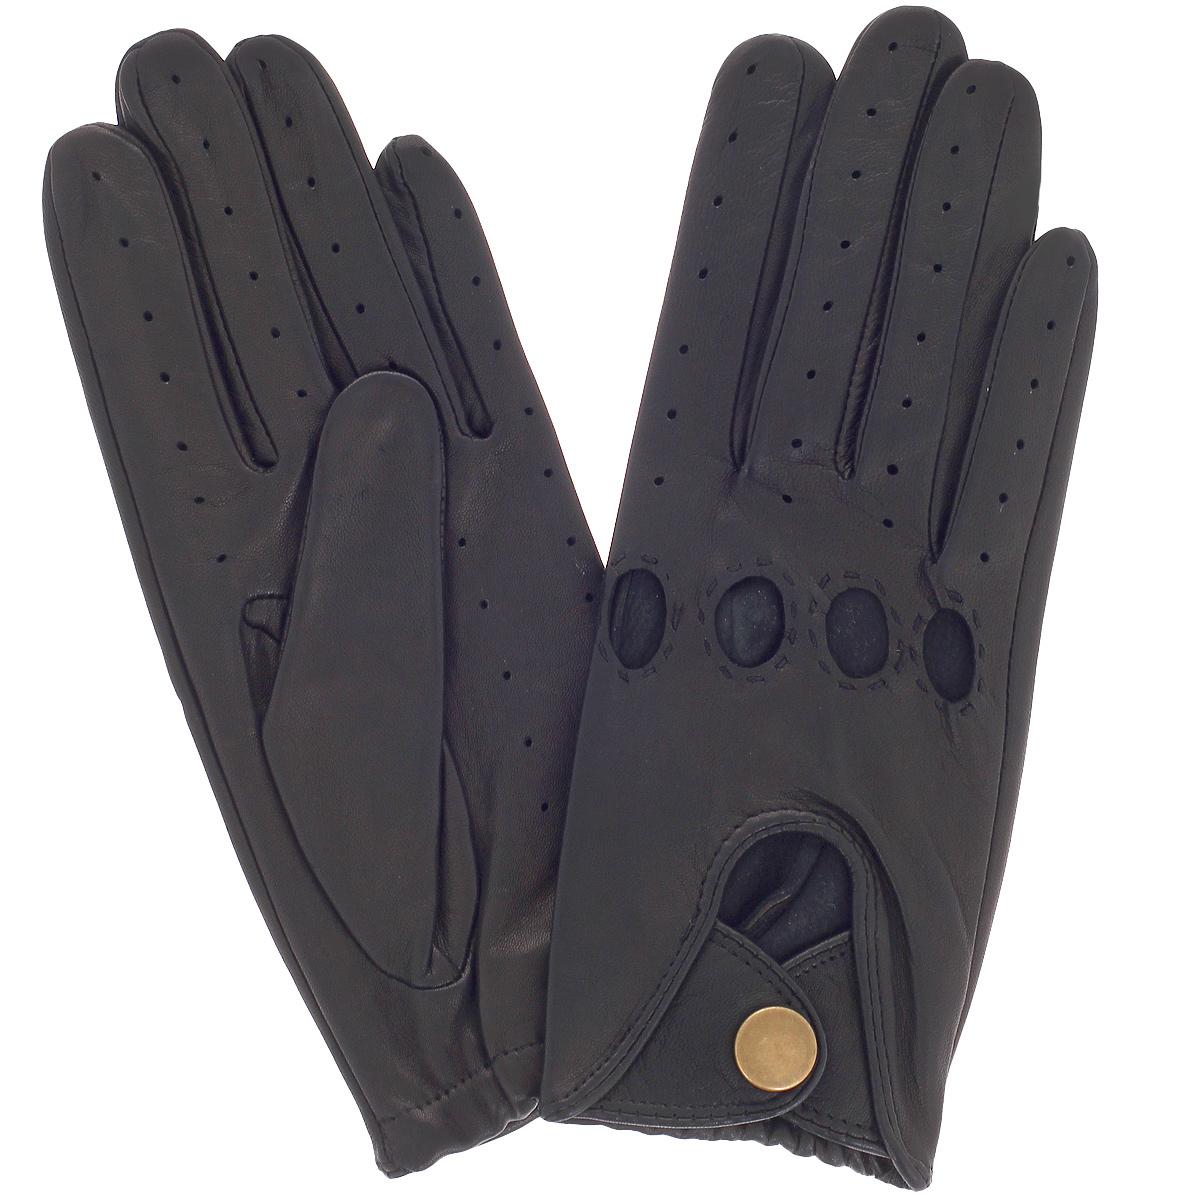 Перчатки унисекс Dali Exclusive, цвет: черный. IS1/BL. Размер 8 перчатки женские eleganzza цвет черный is0424 размер 8